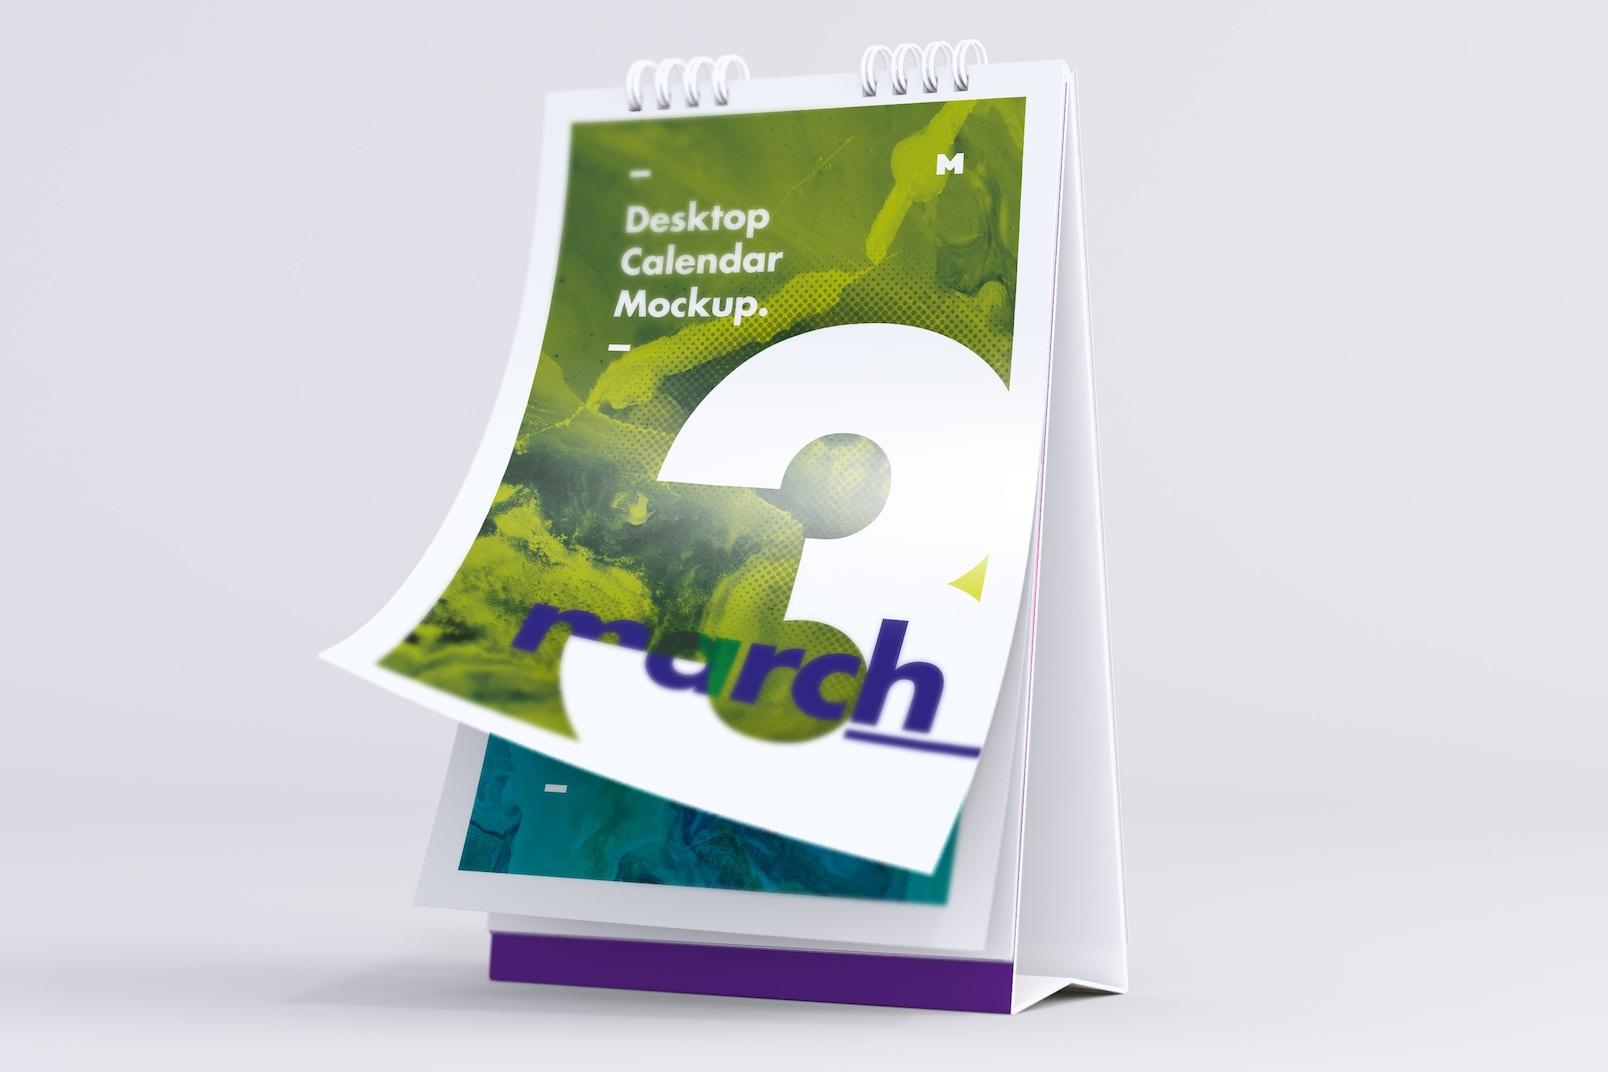 Desktop Portrait Calendar Mockup Turning Pages